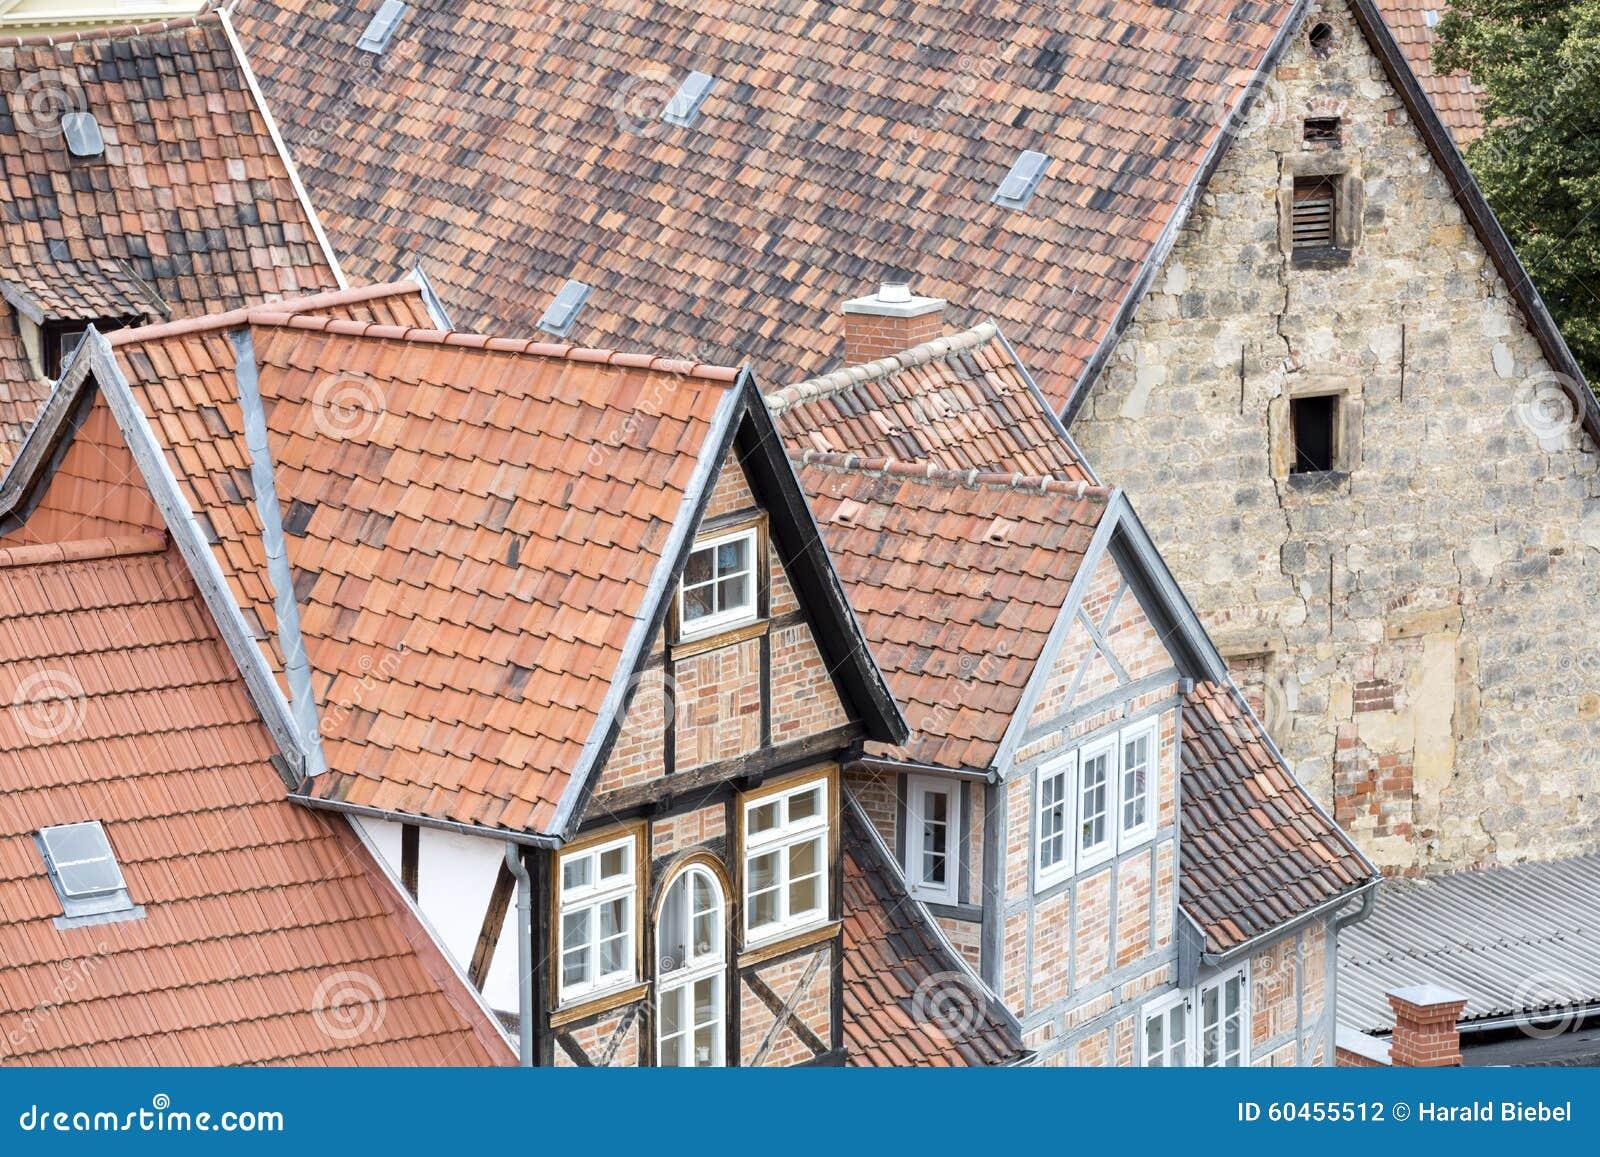 Tejados de casas de entramado de madera foto de archivo for Tejados de madera casas